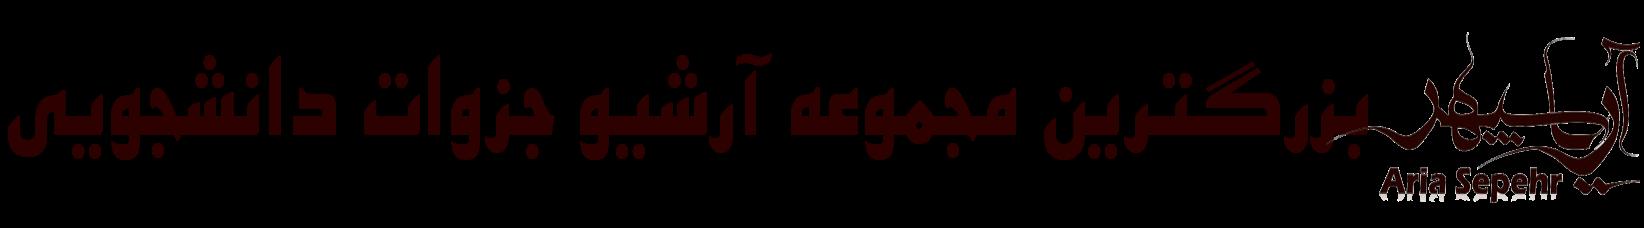 خدمات زیراکس آریا سپهر